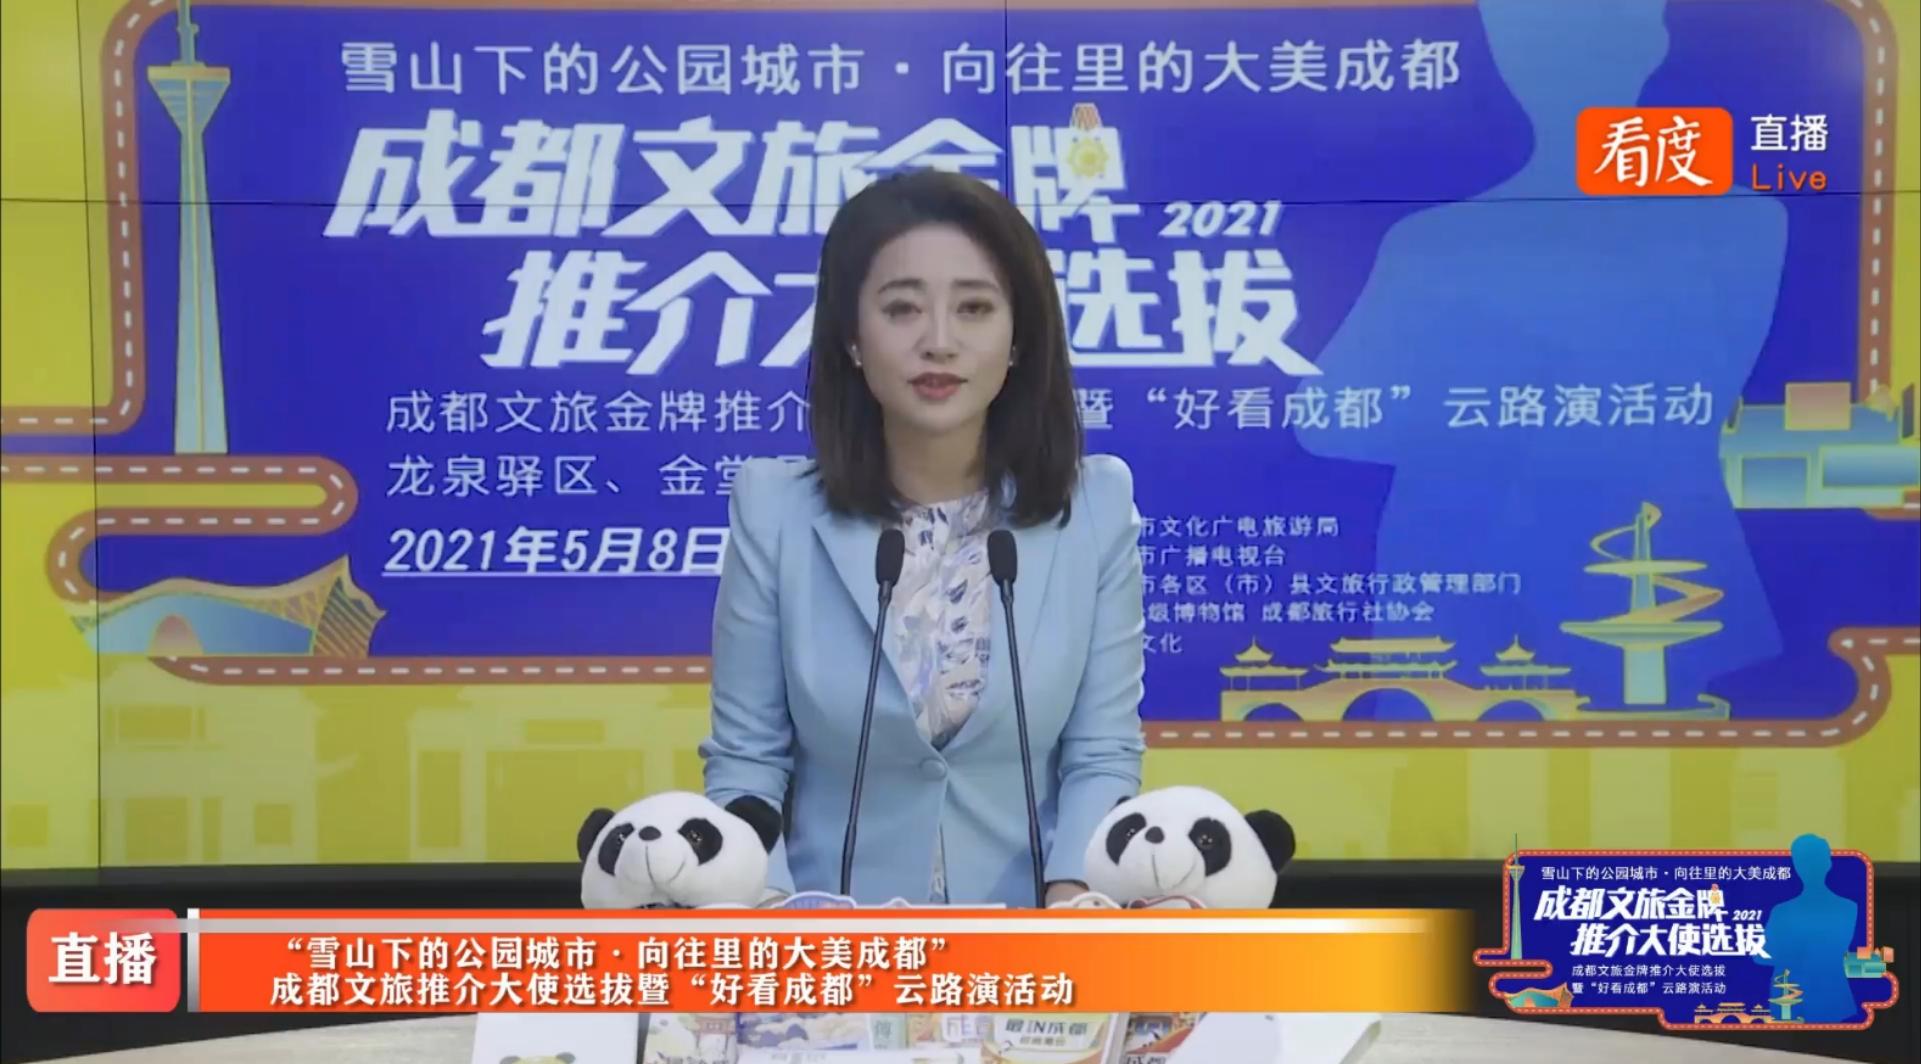 龙泉驿区、金堂县、青白江区专场